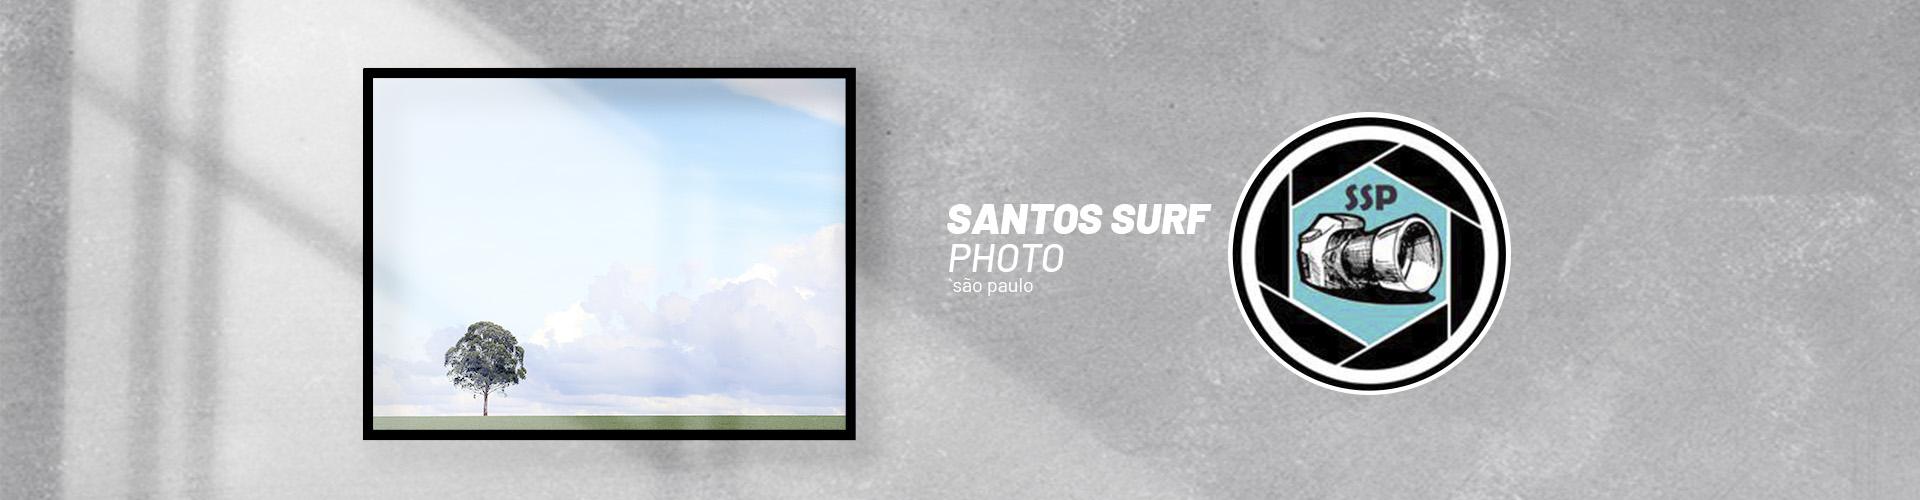 Página Artista | Santos Surf Photo